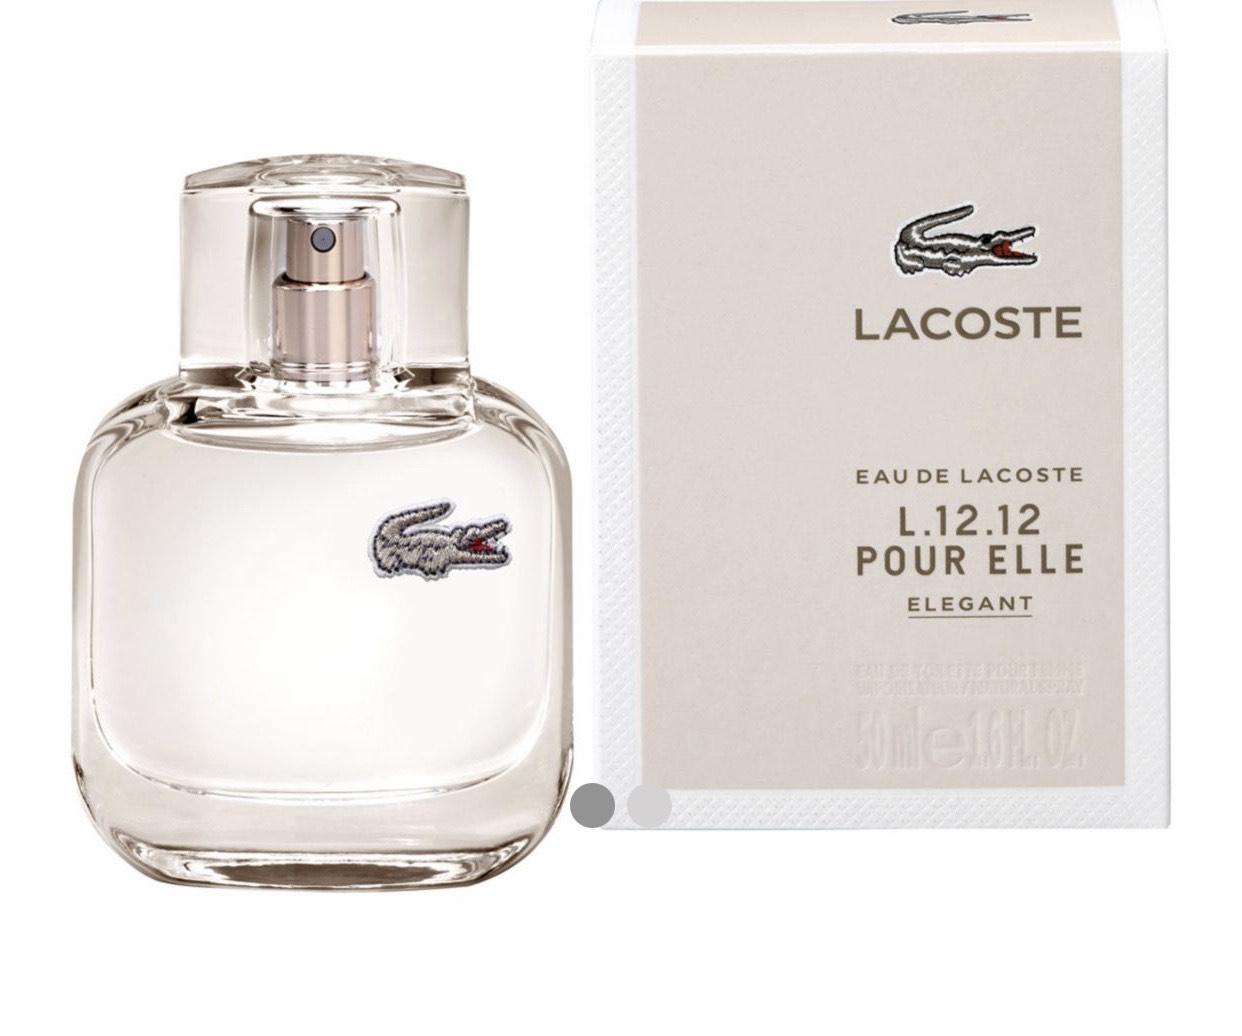 Lacoste L.12.12 Pour Elle Elegant Eau de Toilette 50ml £10 at Boots + £1.50 click and collect